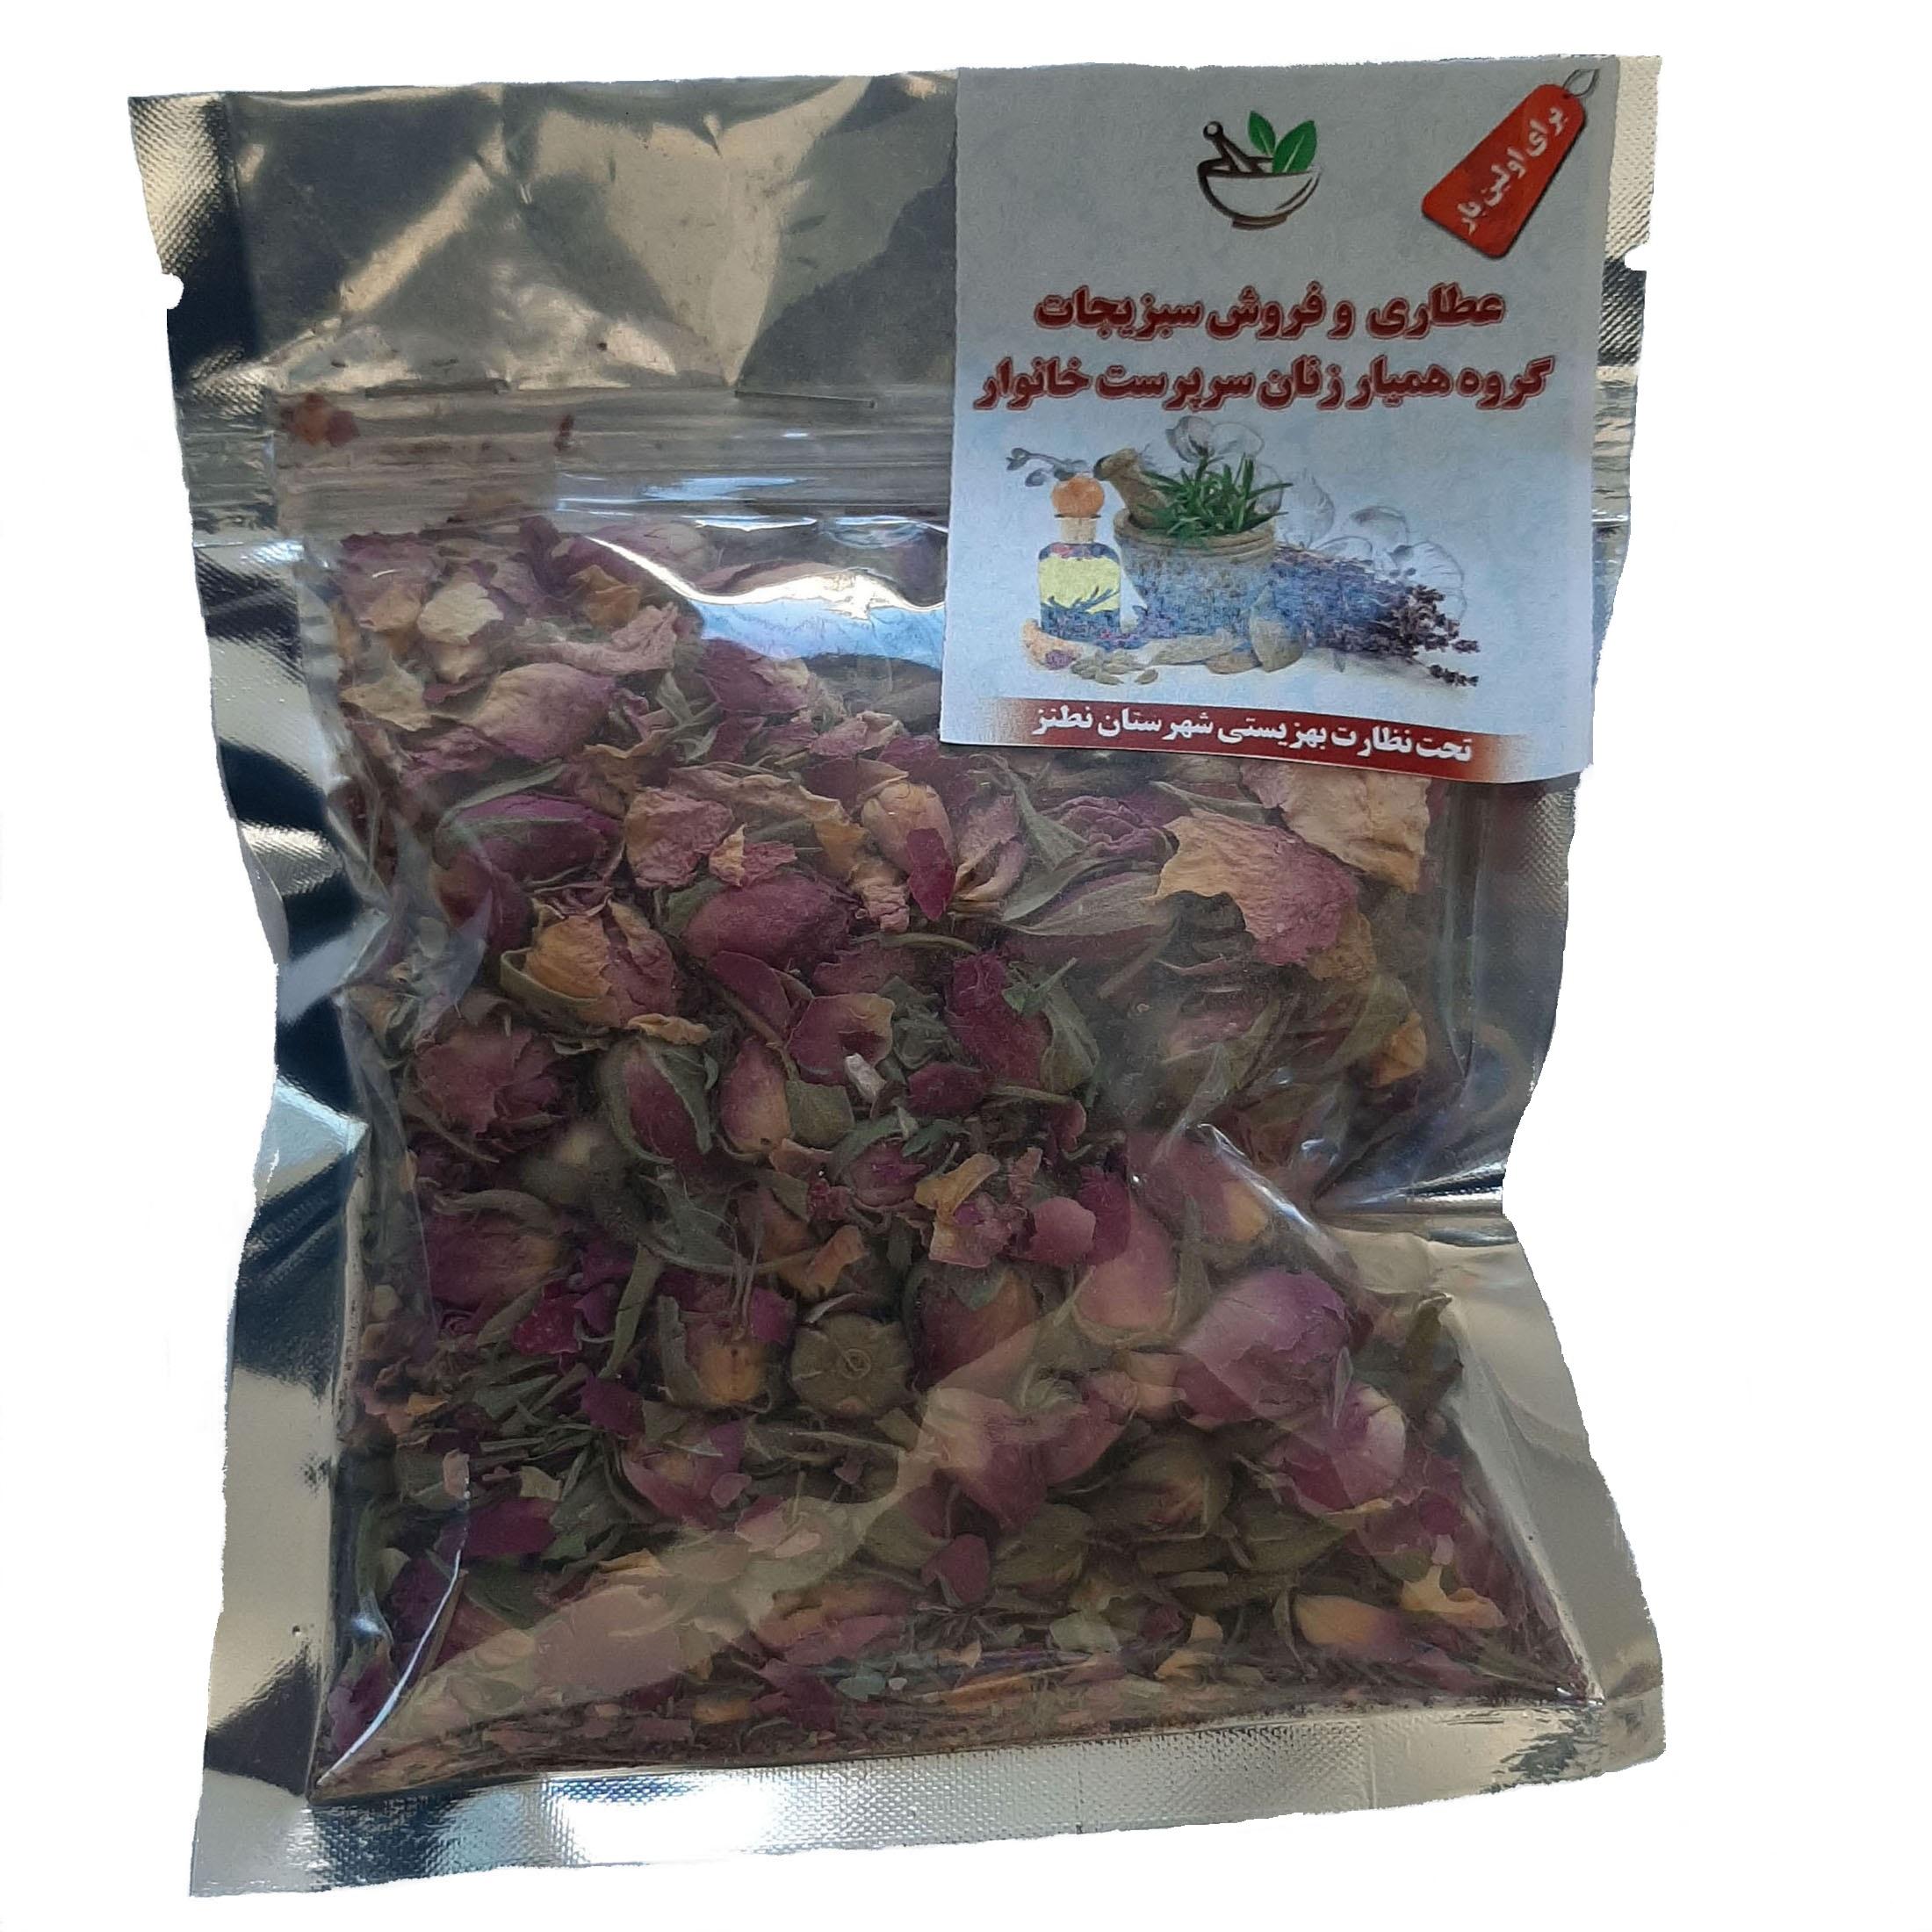 دمنوش غنچه گل محمدی- 50 گرم